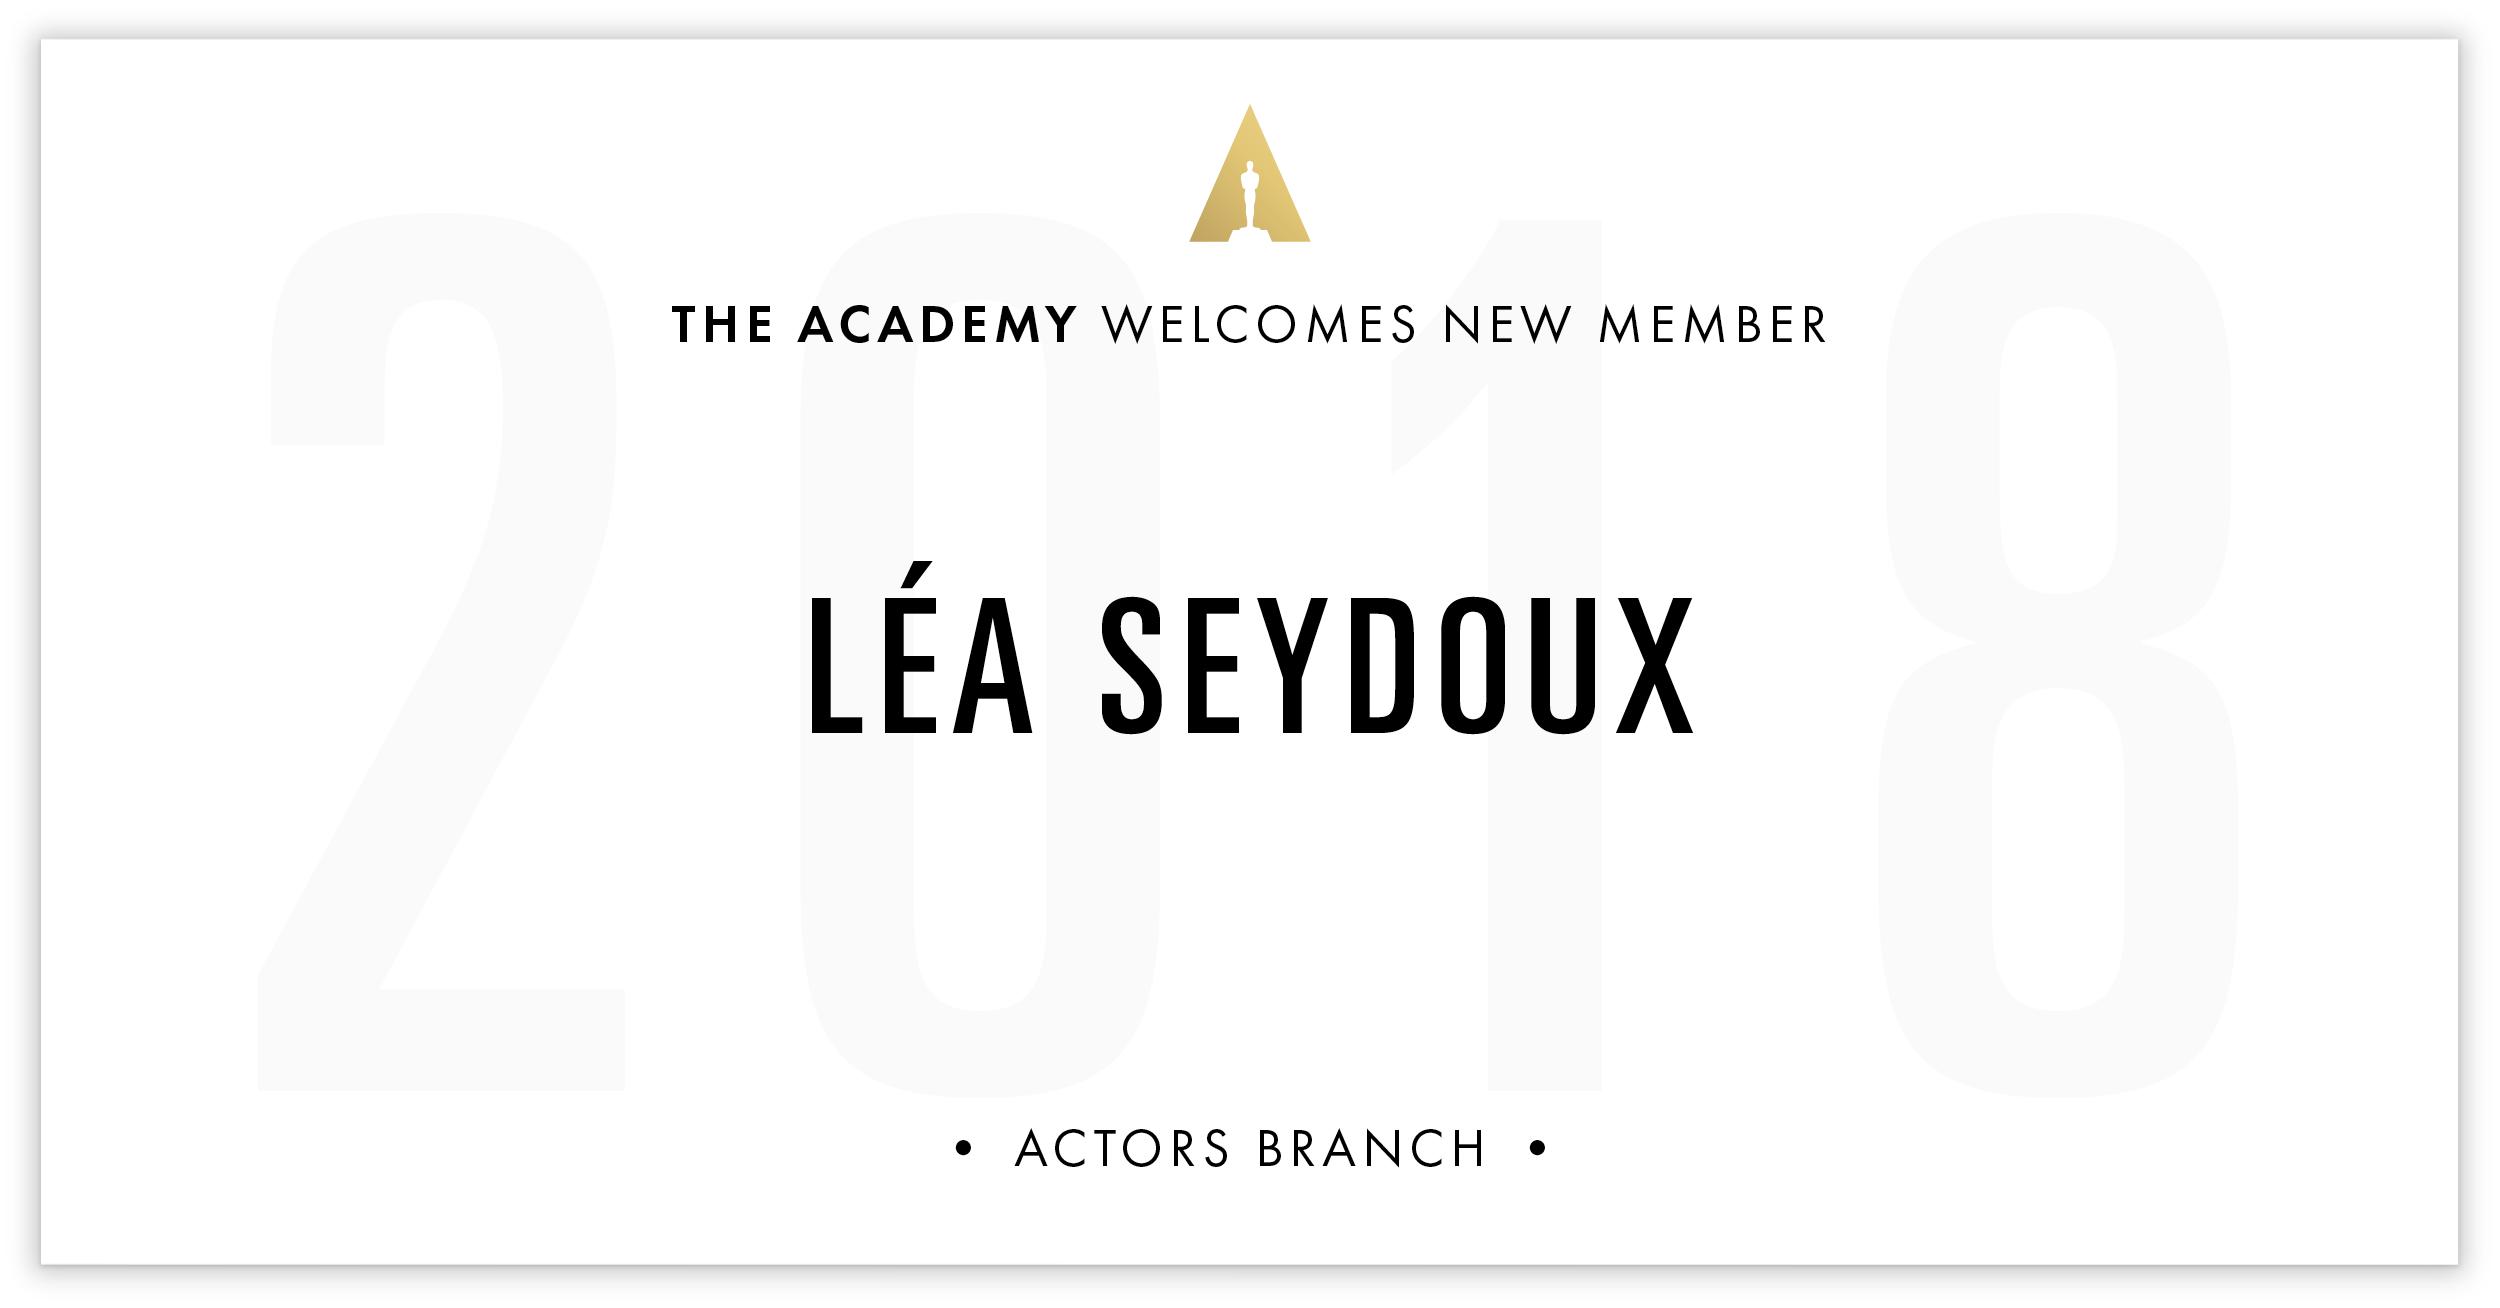 Léa Seydoux is invited!